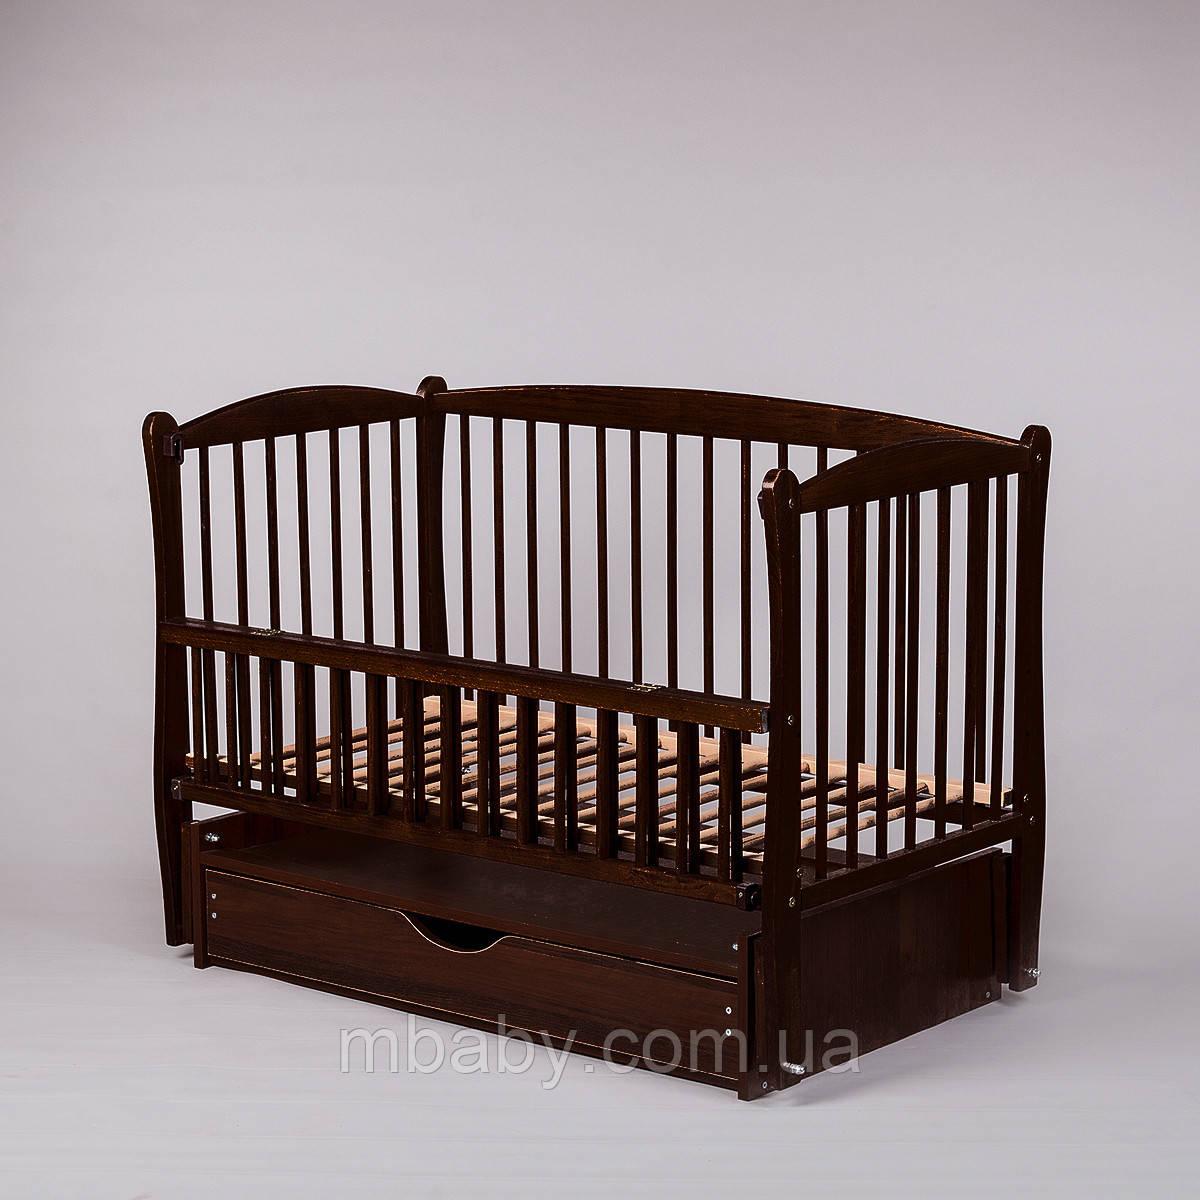 Дитяче ліжко Дубок Еліт (колір венге), з відкидною боковини на маятнику з ящиком